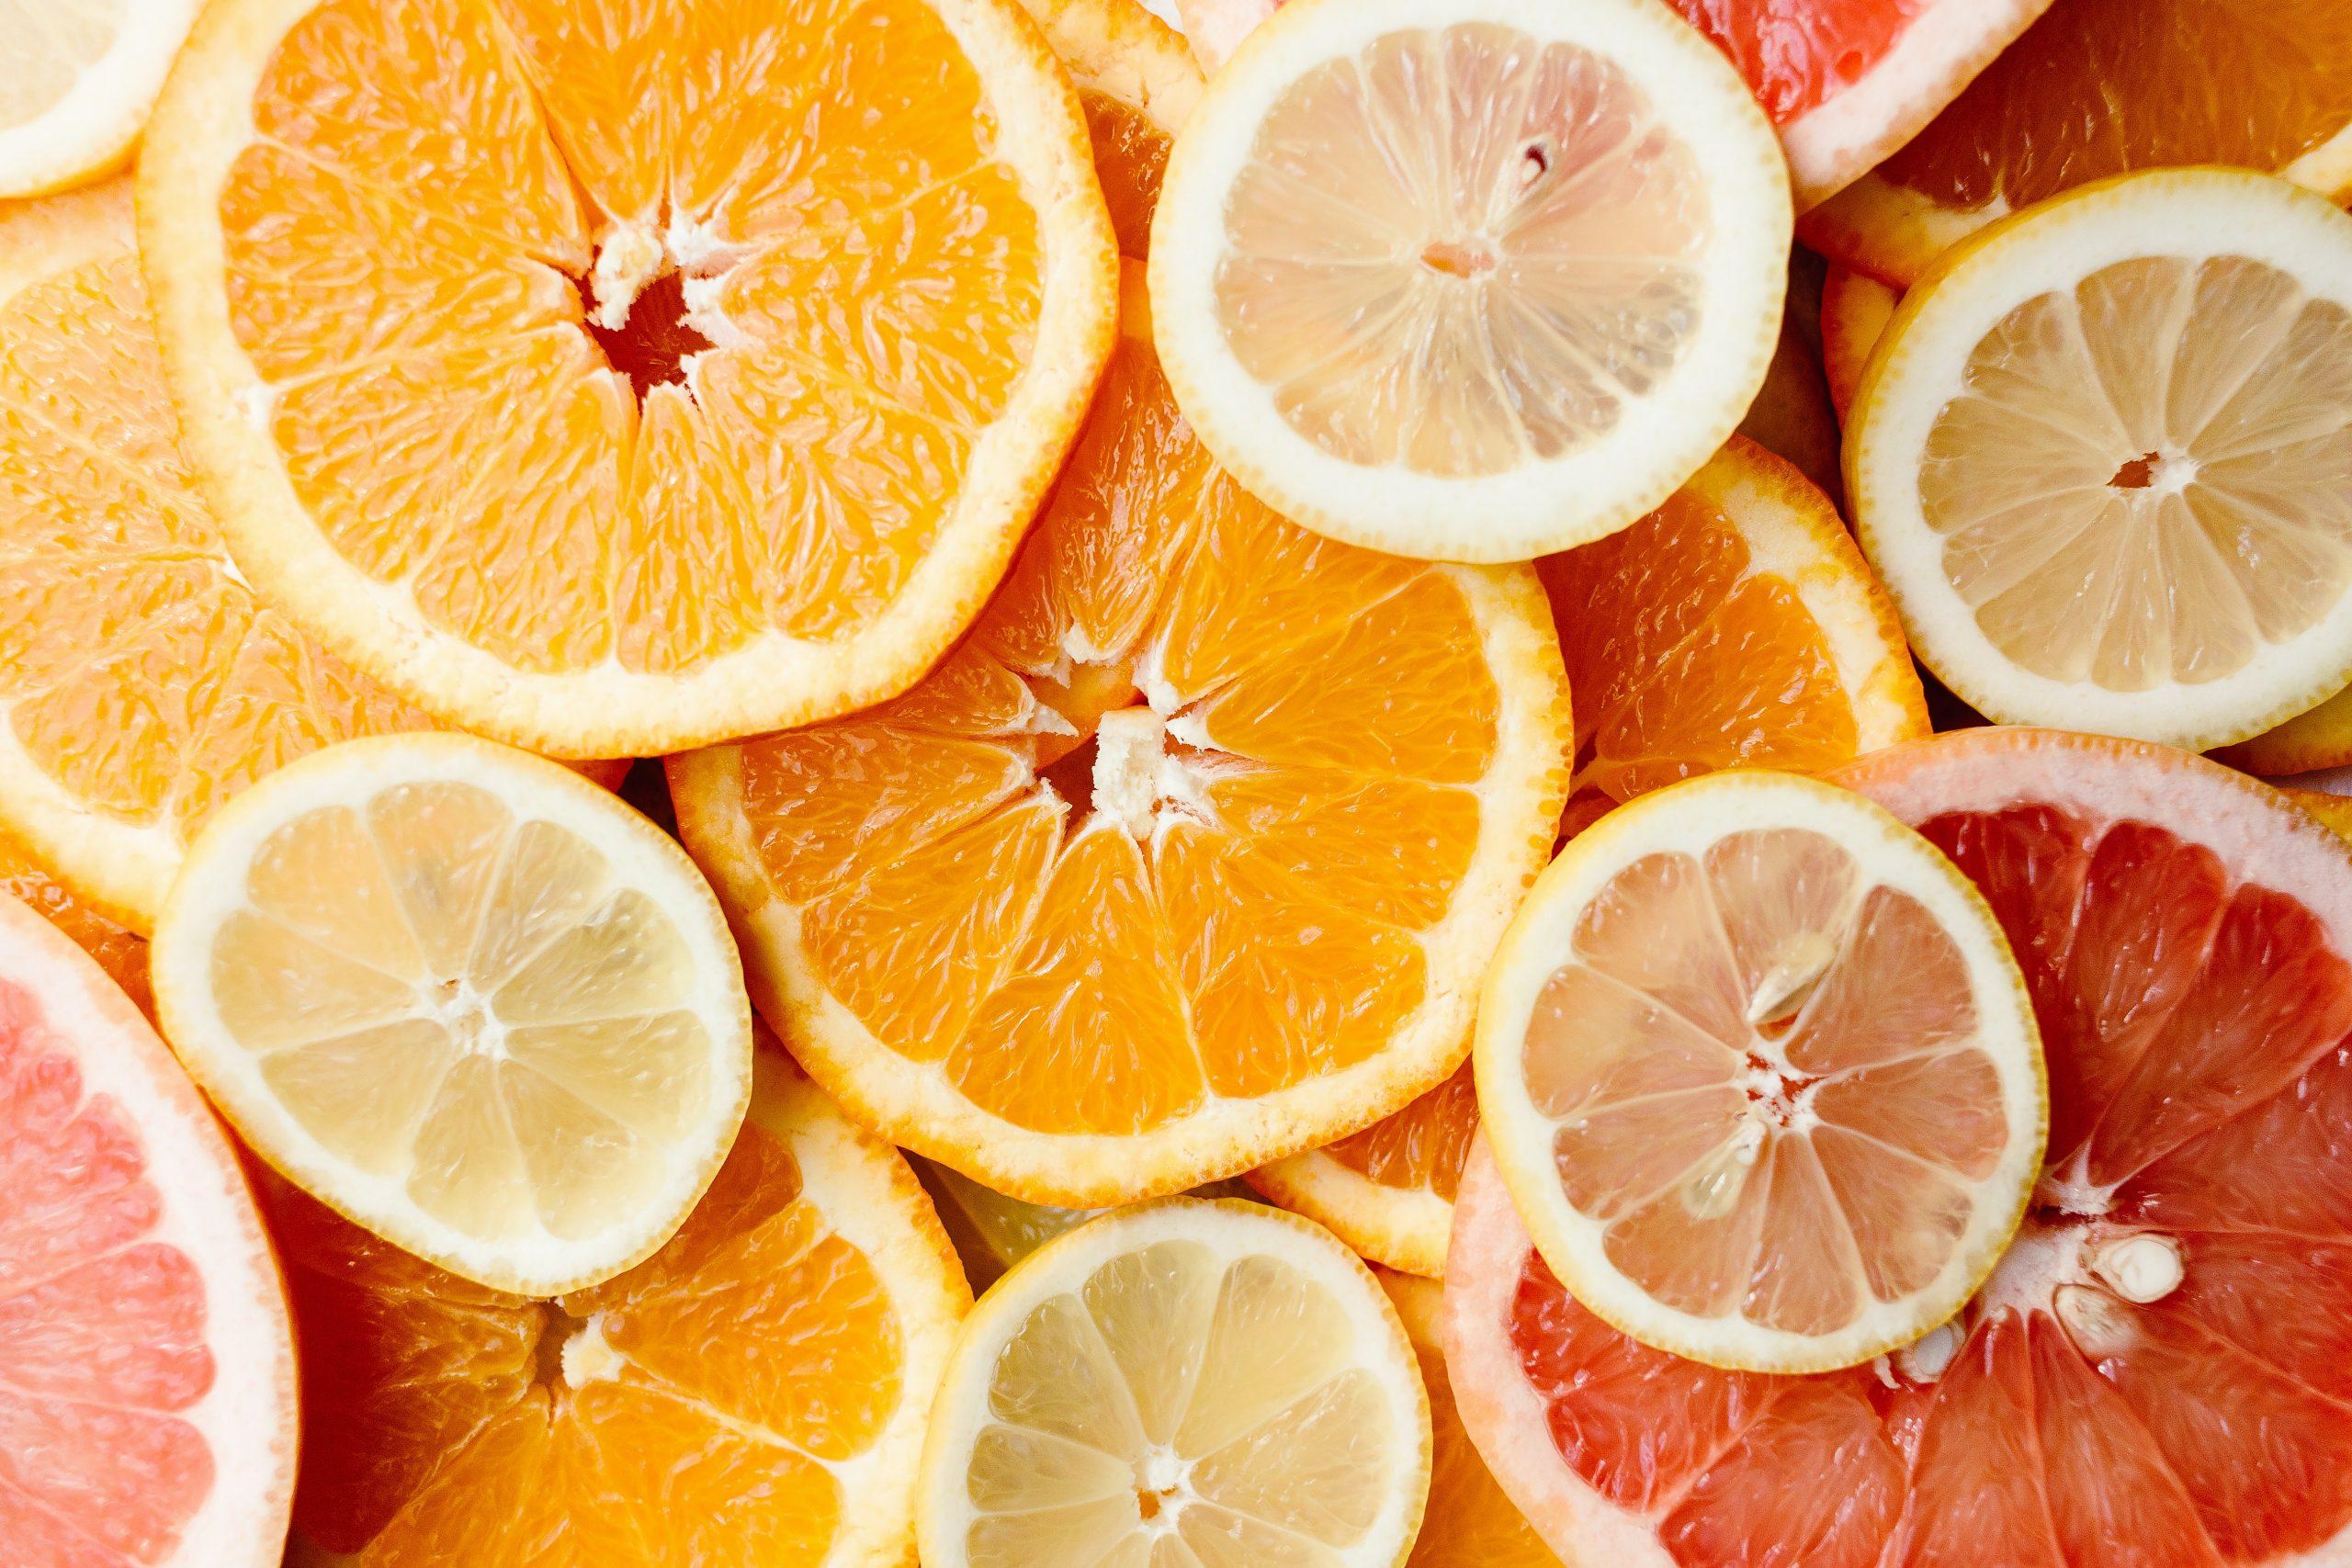 Vitamina C viso: Come si usa la vitamina C sulla pelle?